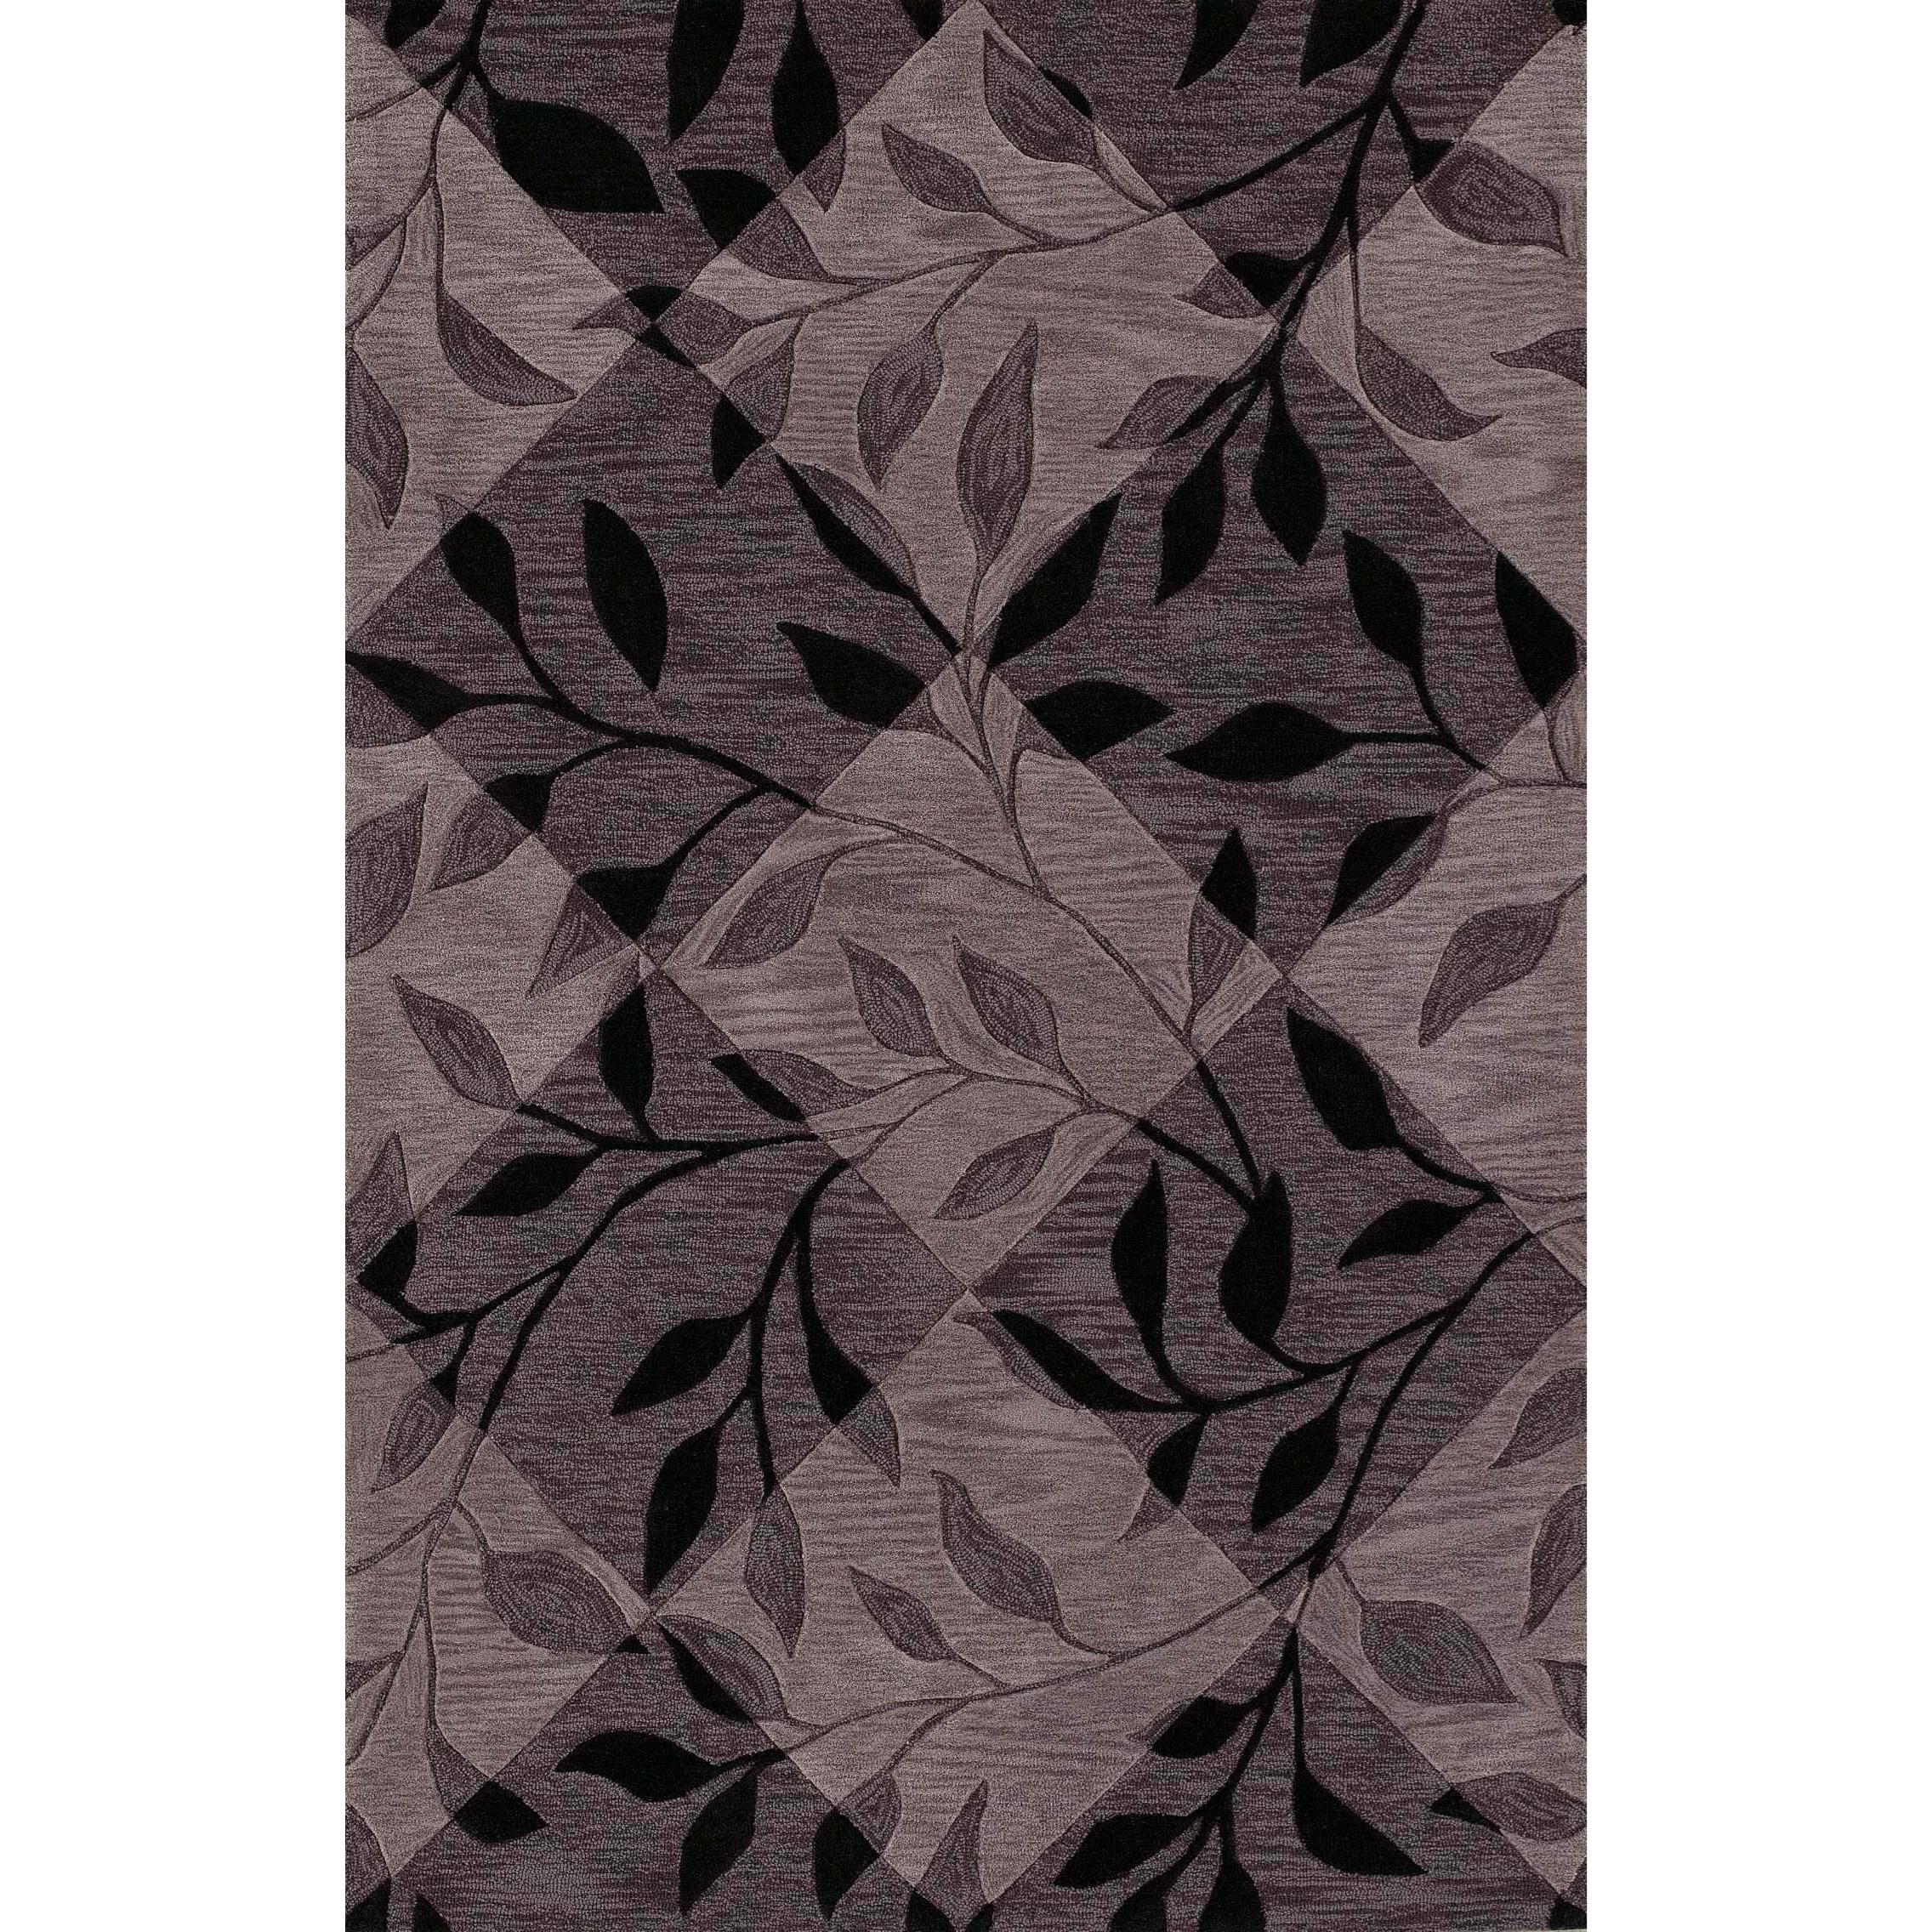 Studio Black 9'X13' Rug by Dalyn at Fashion Furniture